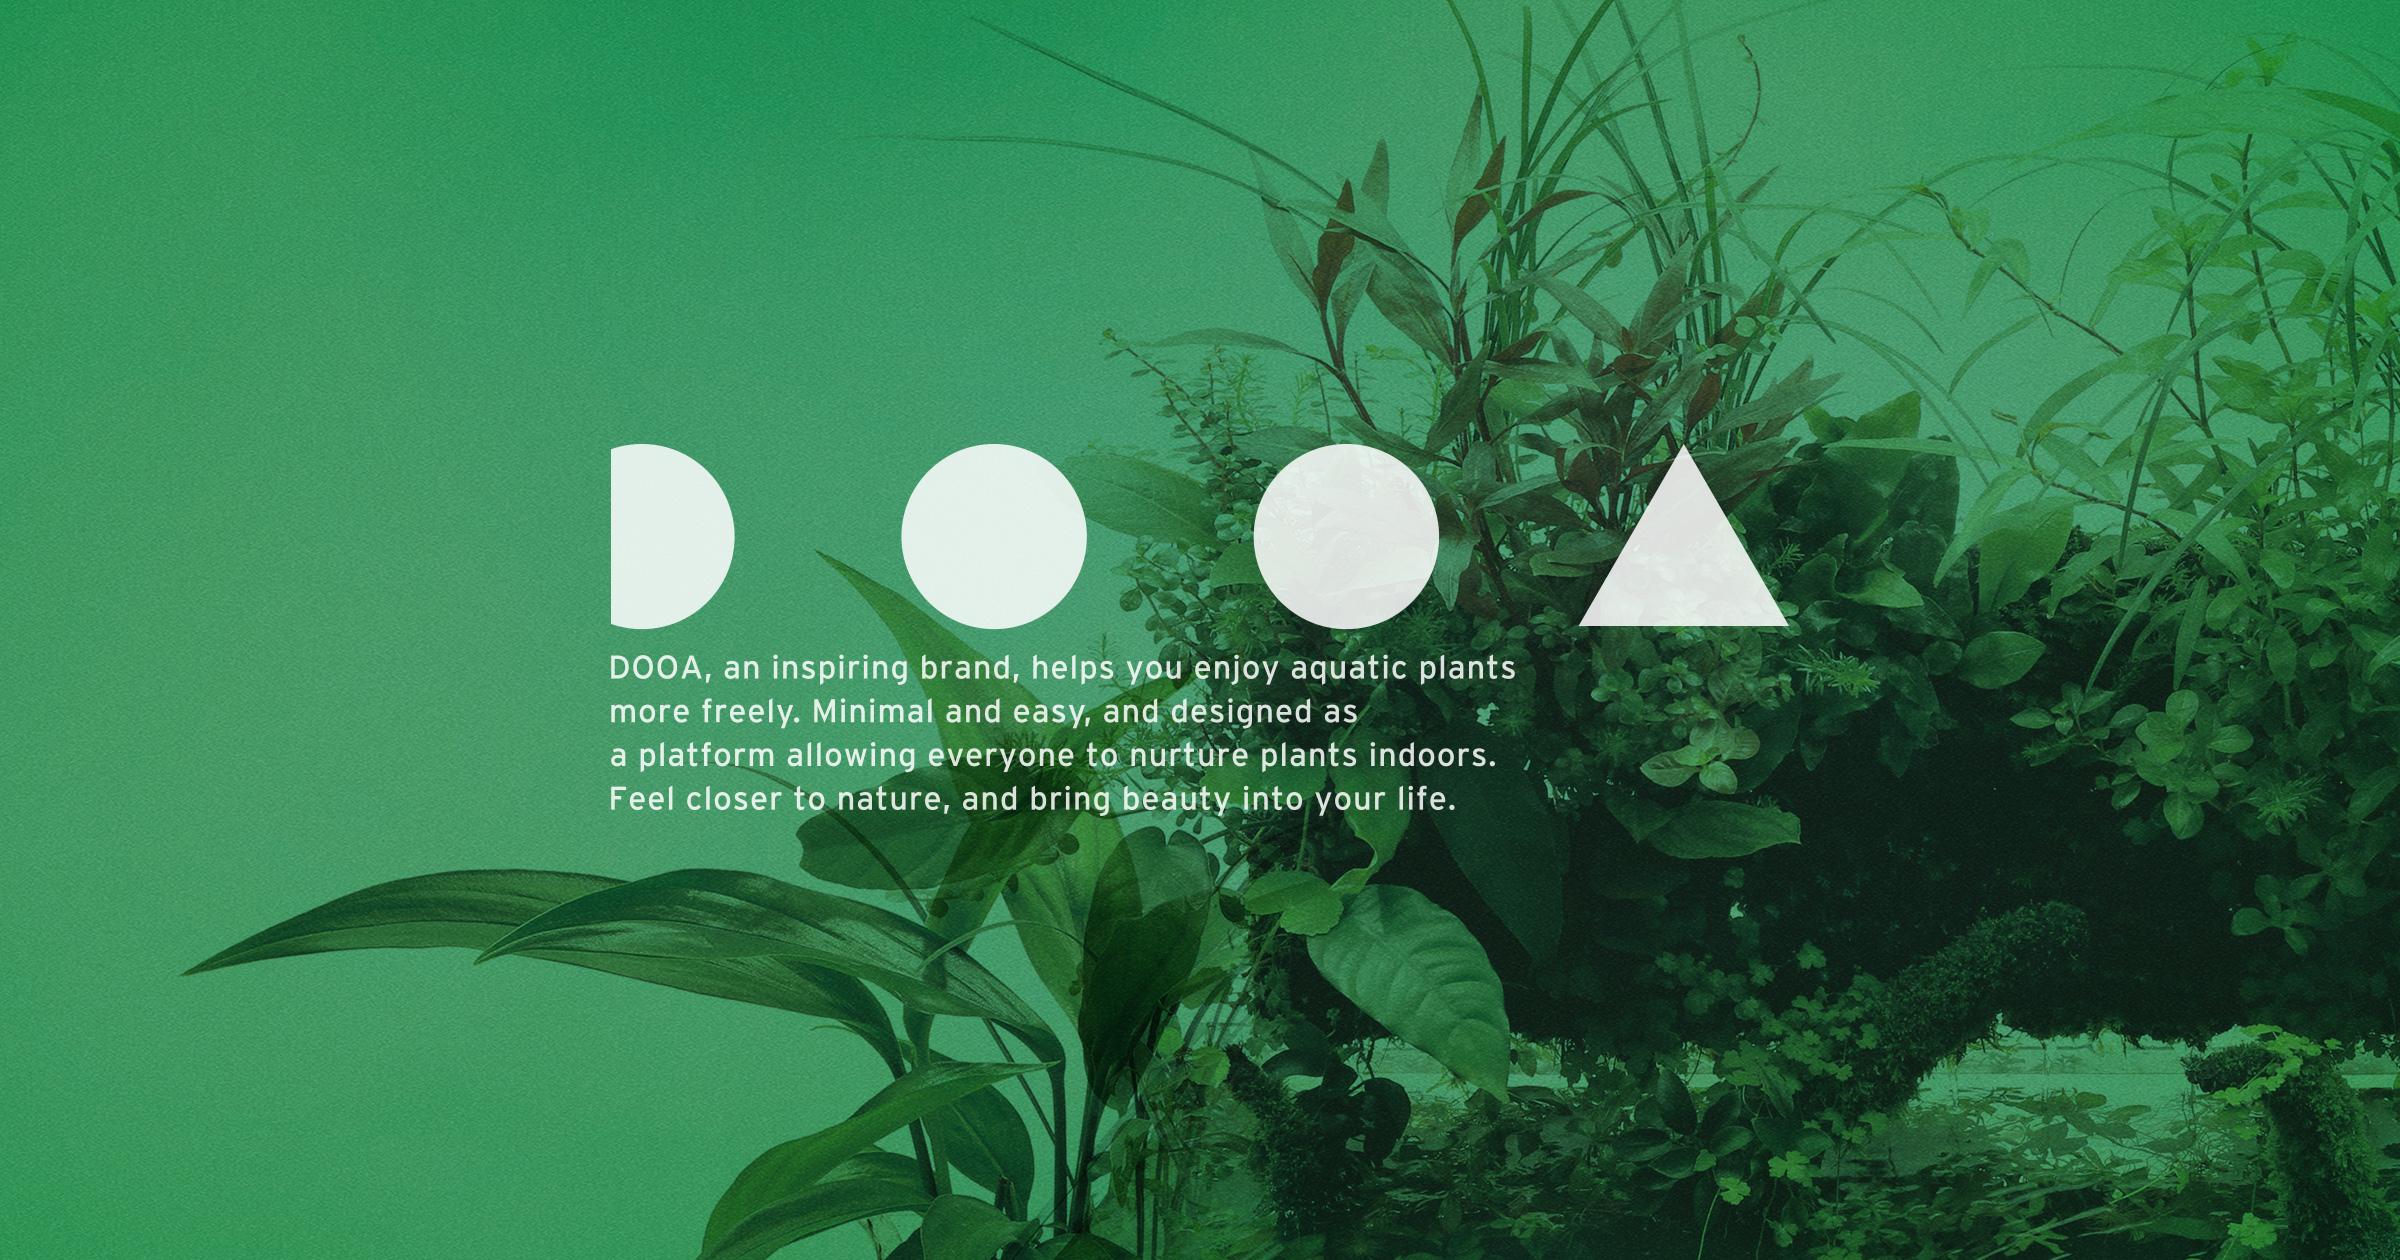 Launch of DOOA Brand Website New DOOA Website launched today.